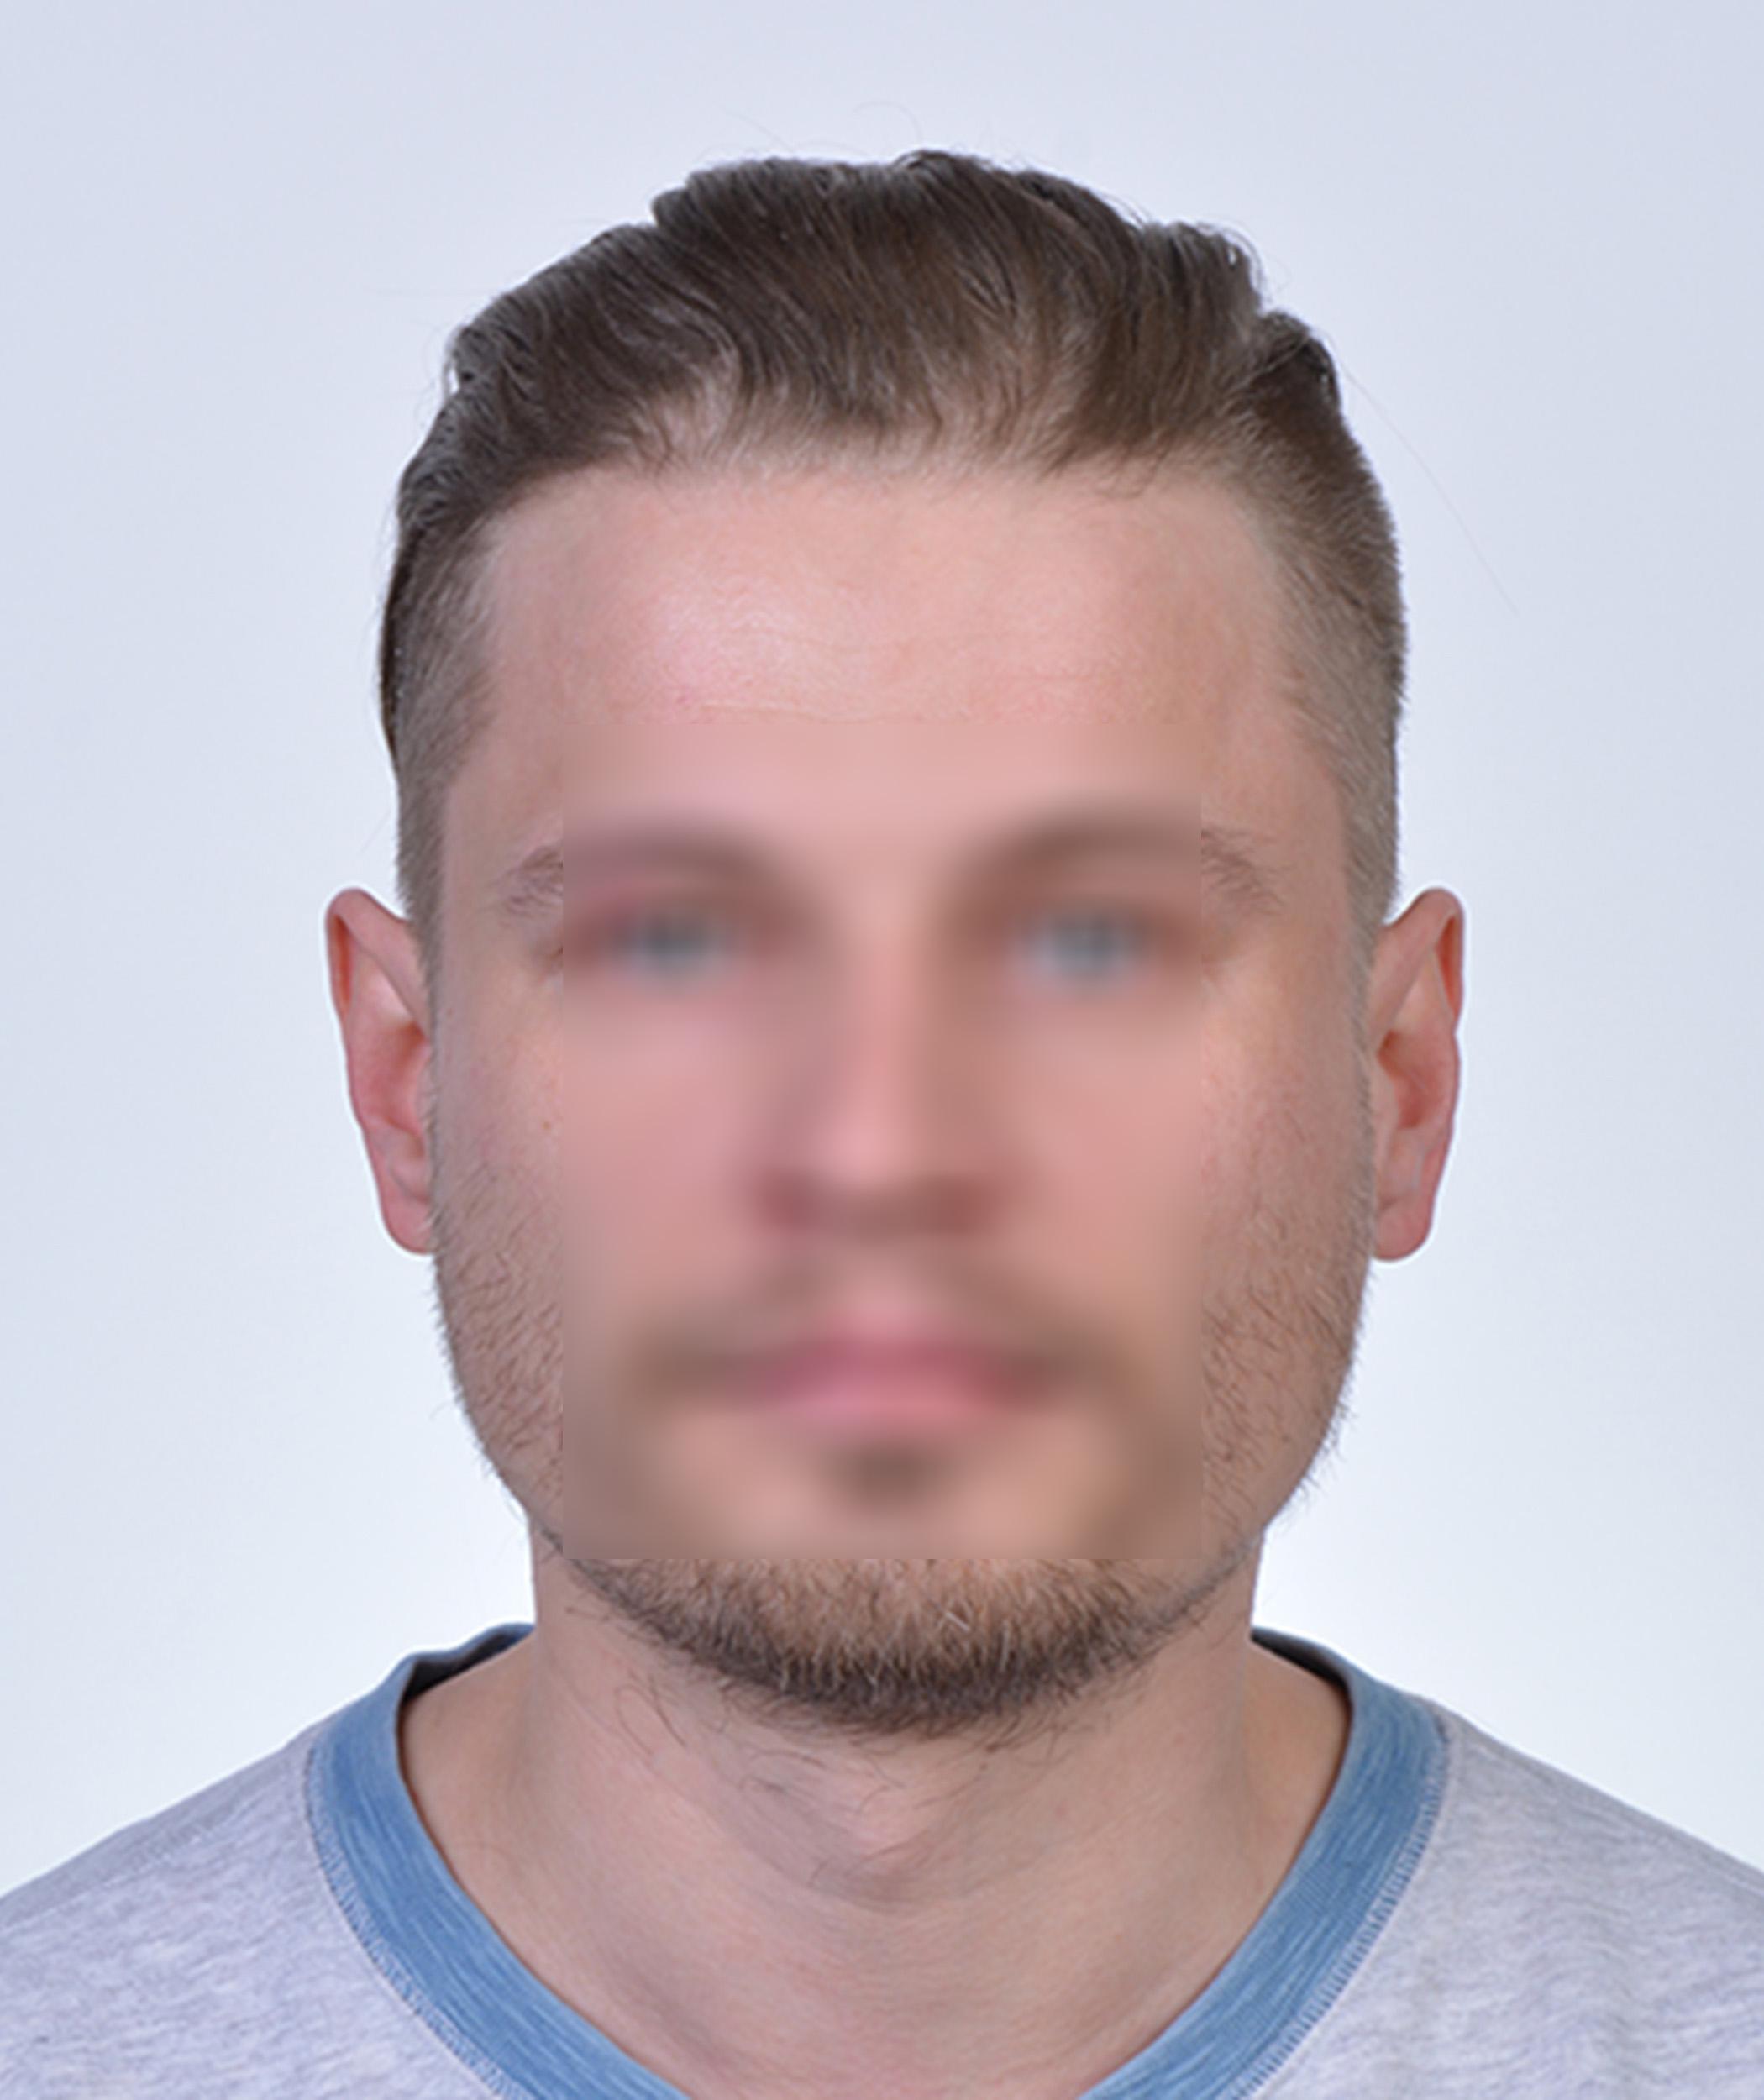 Estonia Digital Photo